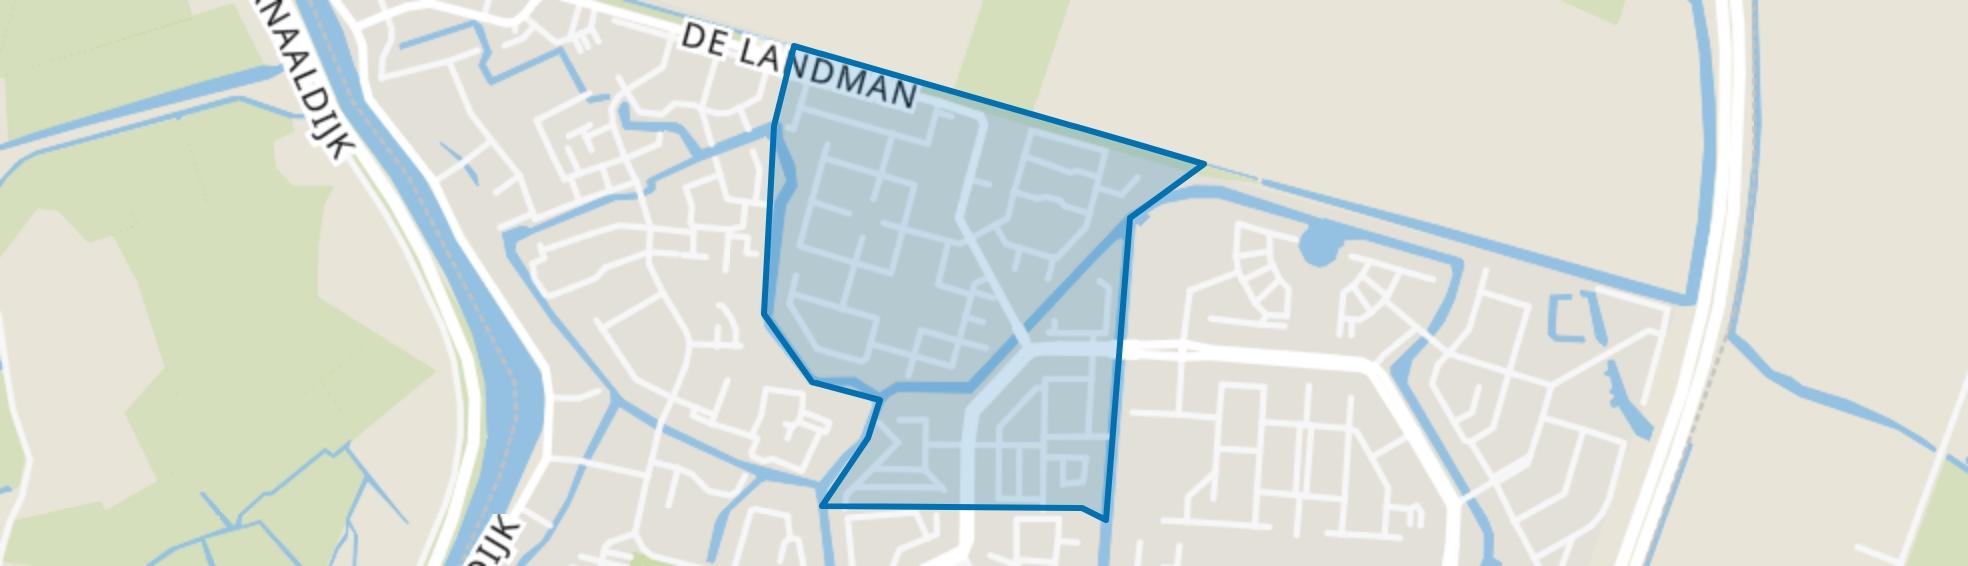 Daalmeer-Noordwest, Alkmaar map